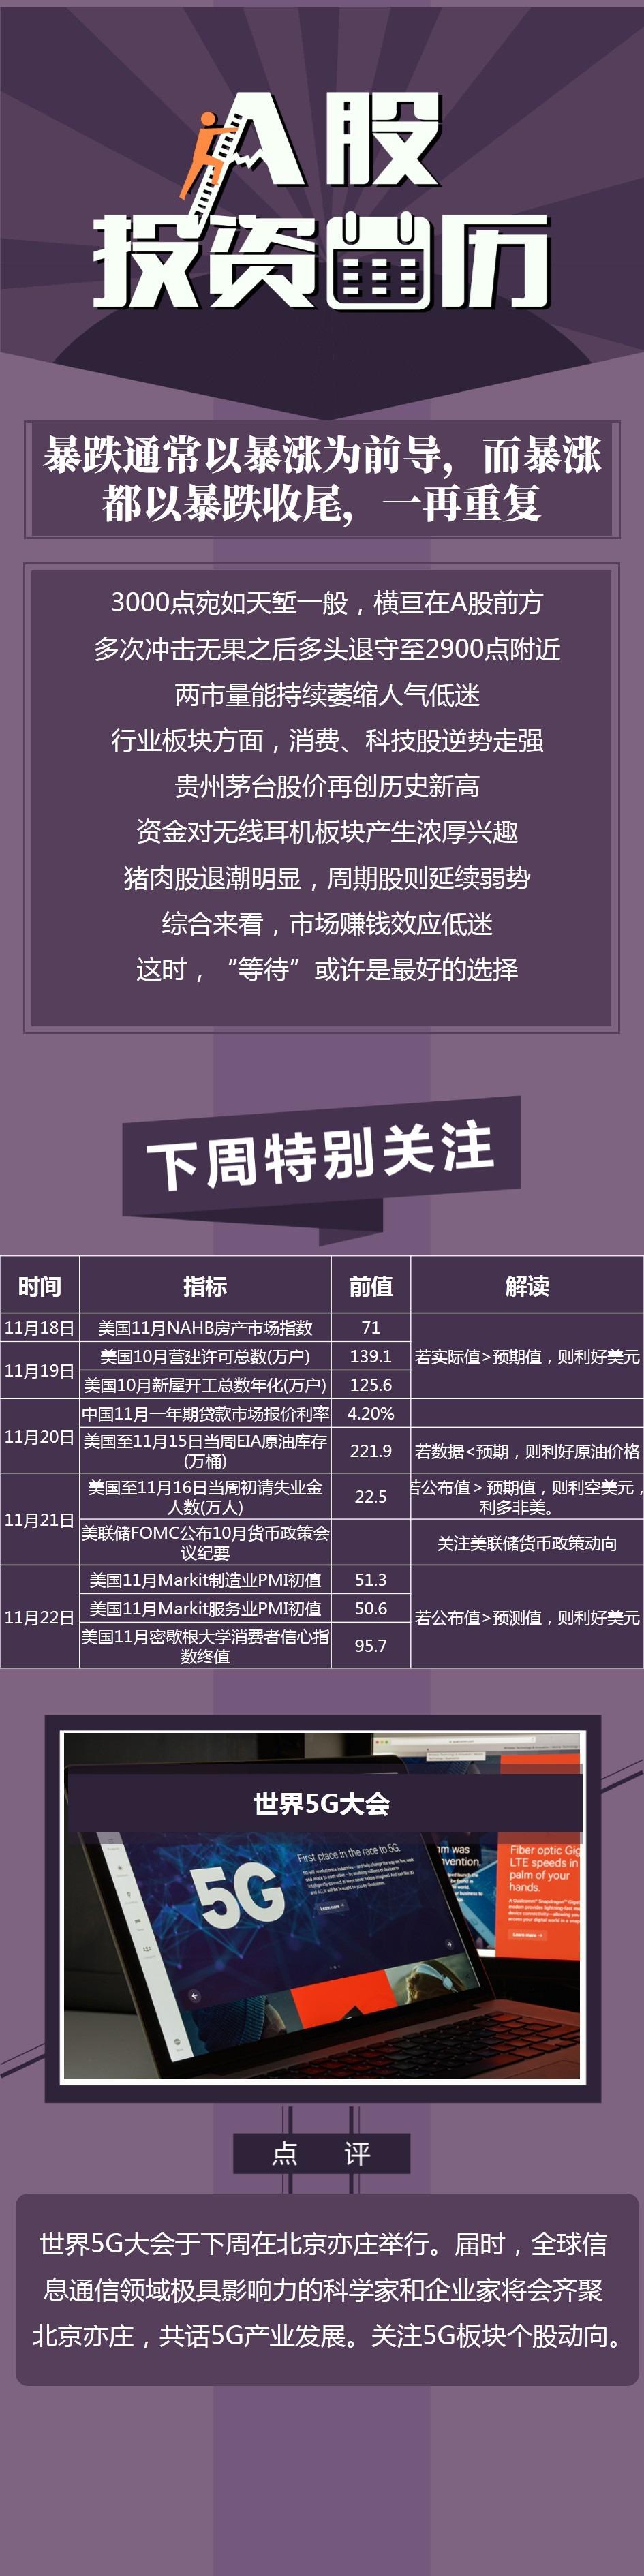 """菲彩网站是多少钱·涨知识泡泡达人营造梦幻现场,""""滑道保龄球""""比赛道具决定成绩!"""